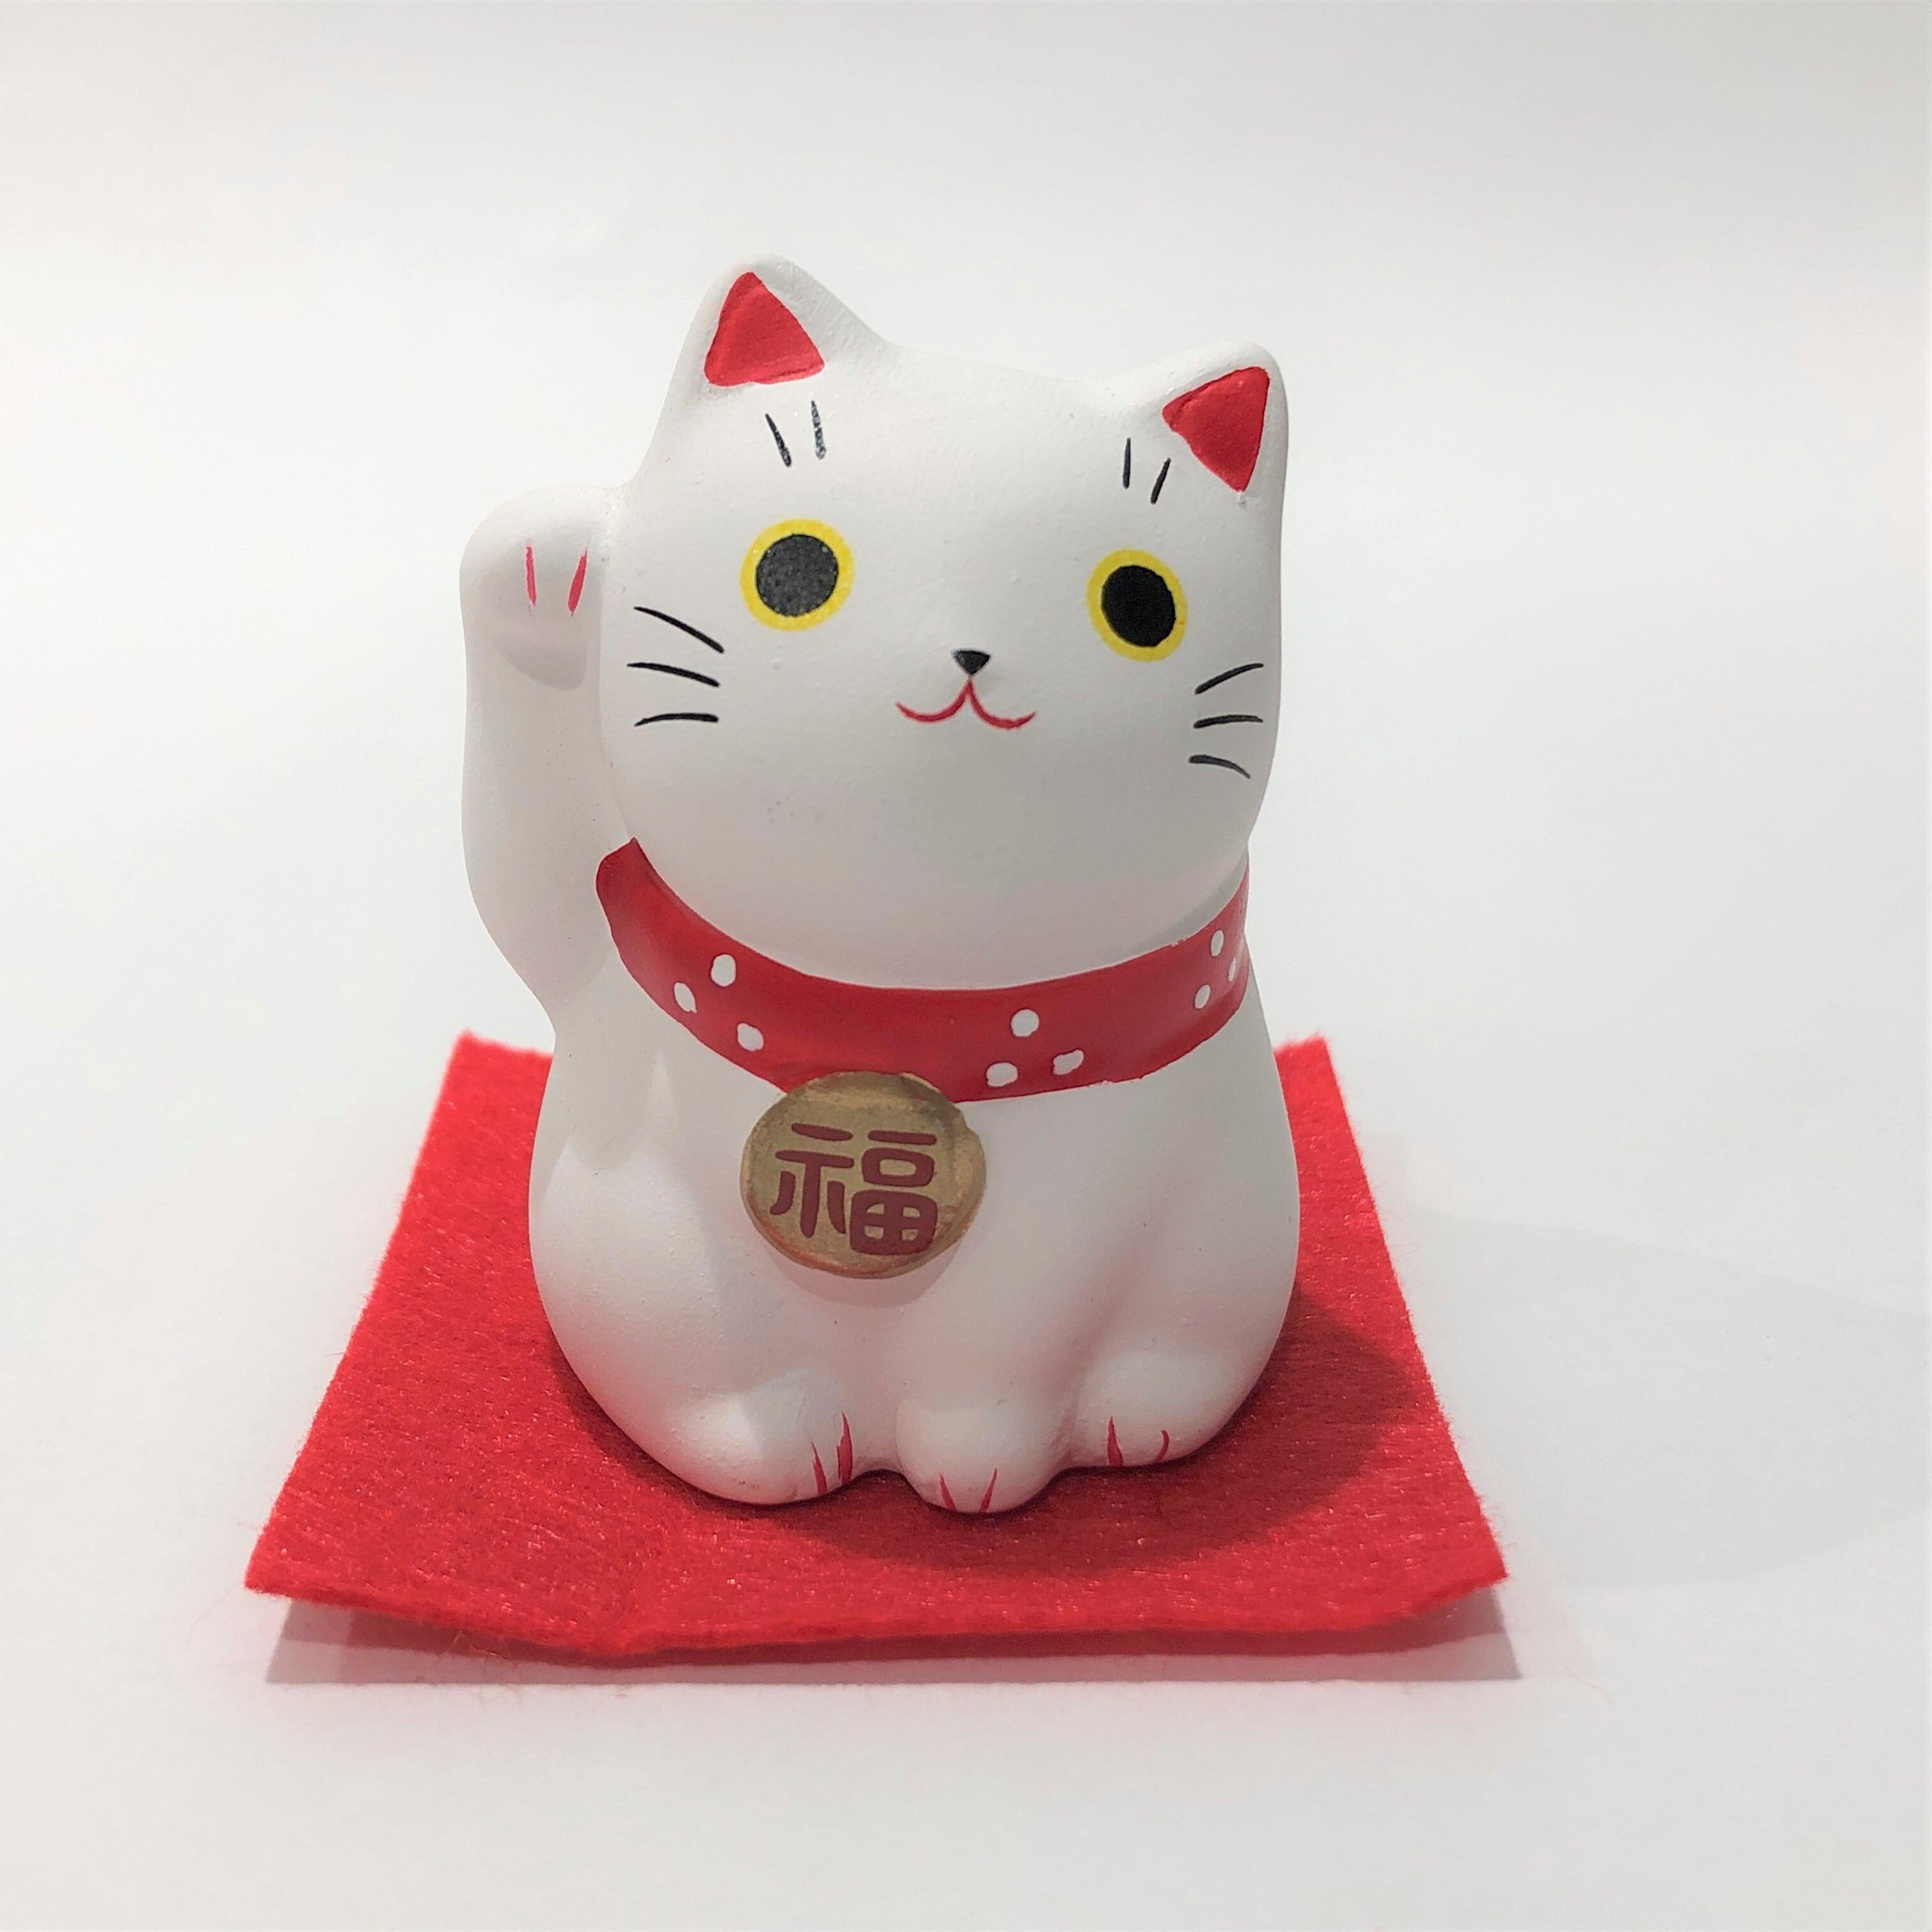 錦彩福おいで招き猫 白猫 開運招福